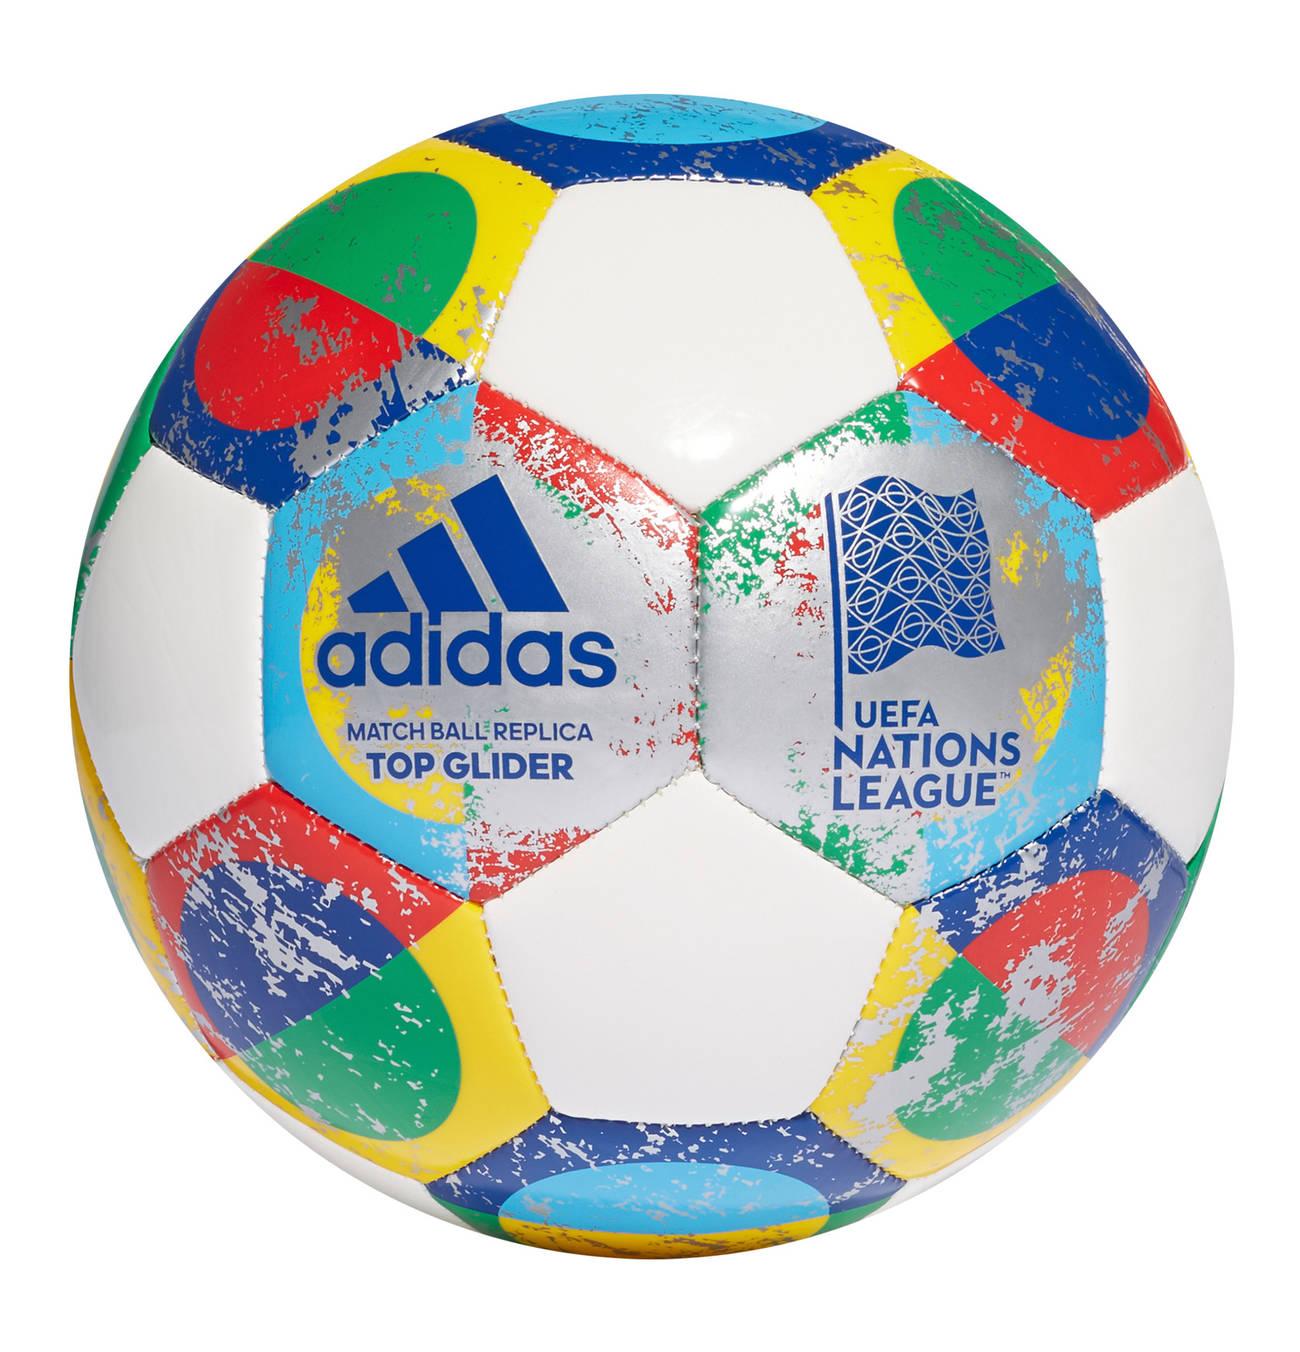 """Fußball """"UCL Top Glider"""", Größe 5 Fussball, Adidas"""